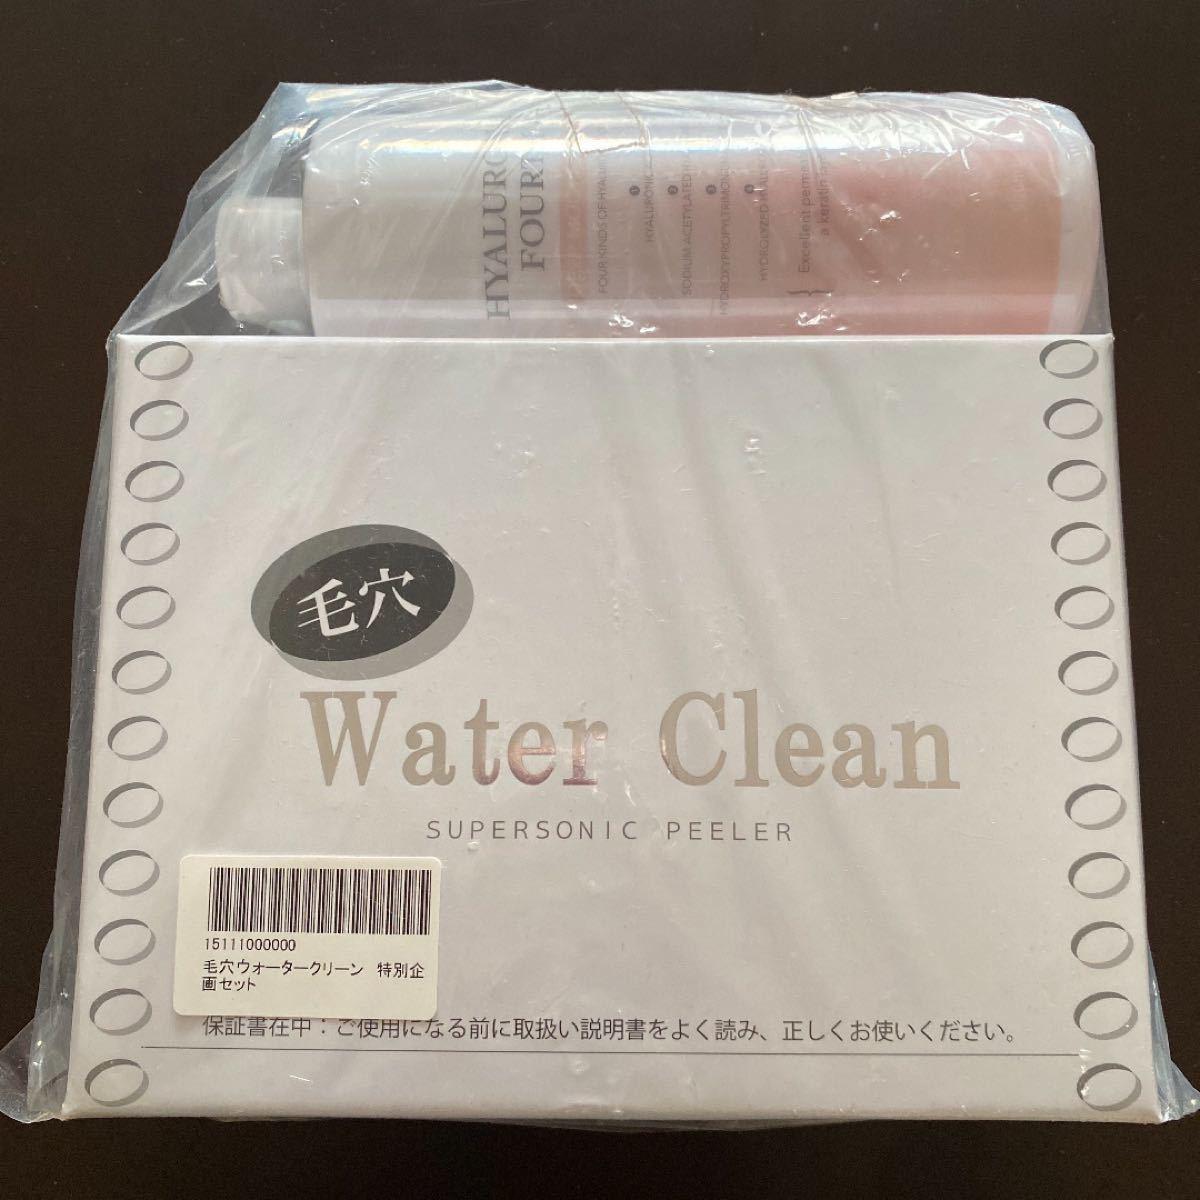 美顔器 定価 7538円 新品未開封 新品未使用毛穴 Water clean